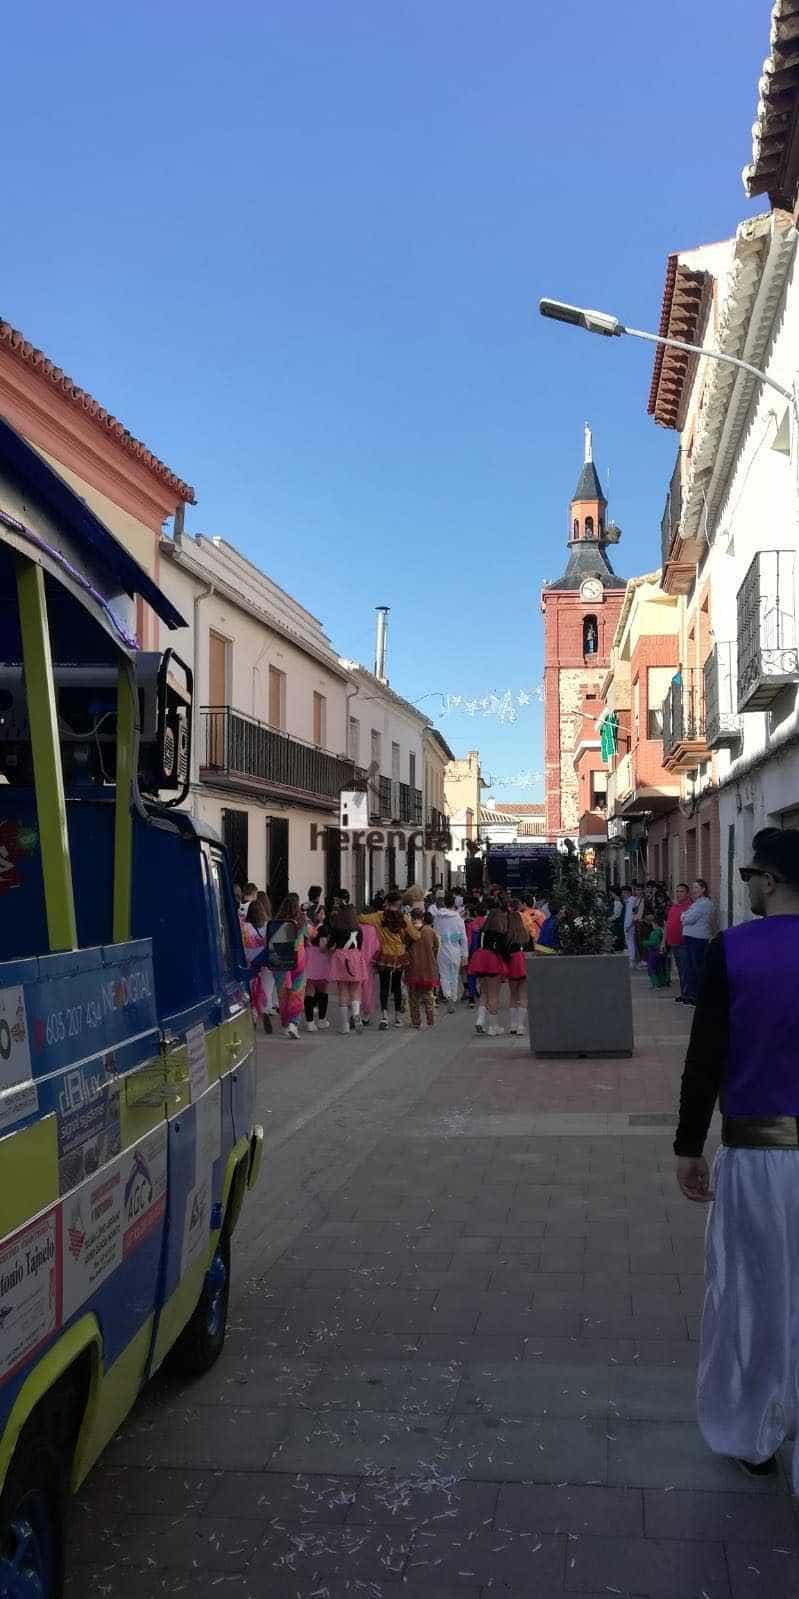 Carnaval herencia 2020 pasacalles domingo deseosas 1 - El Domingo de las Deseosas invita a todo el mundo al Carnaval de Herencia